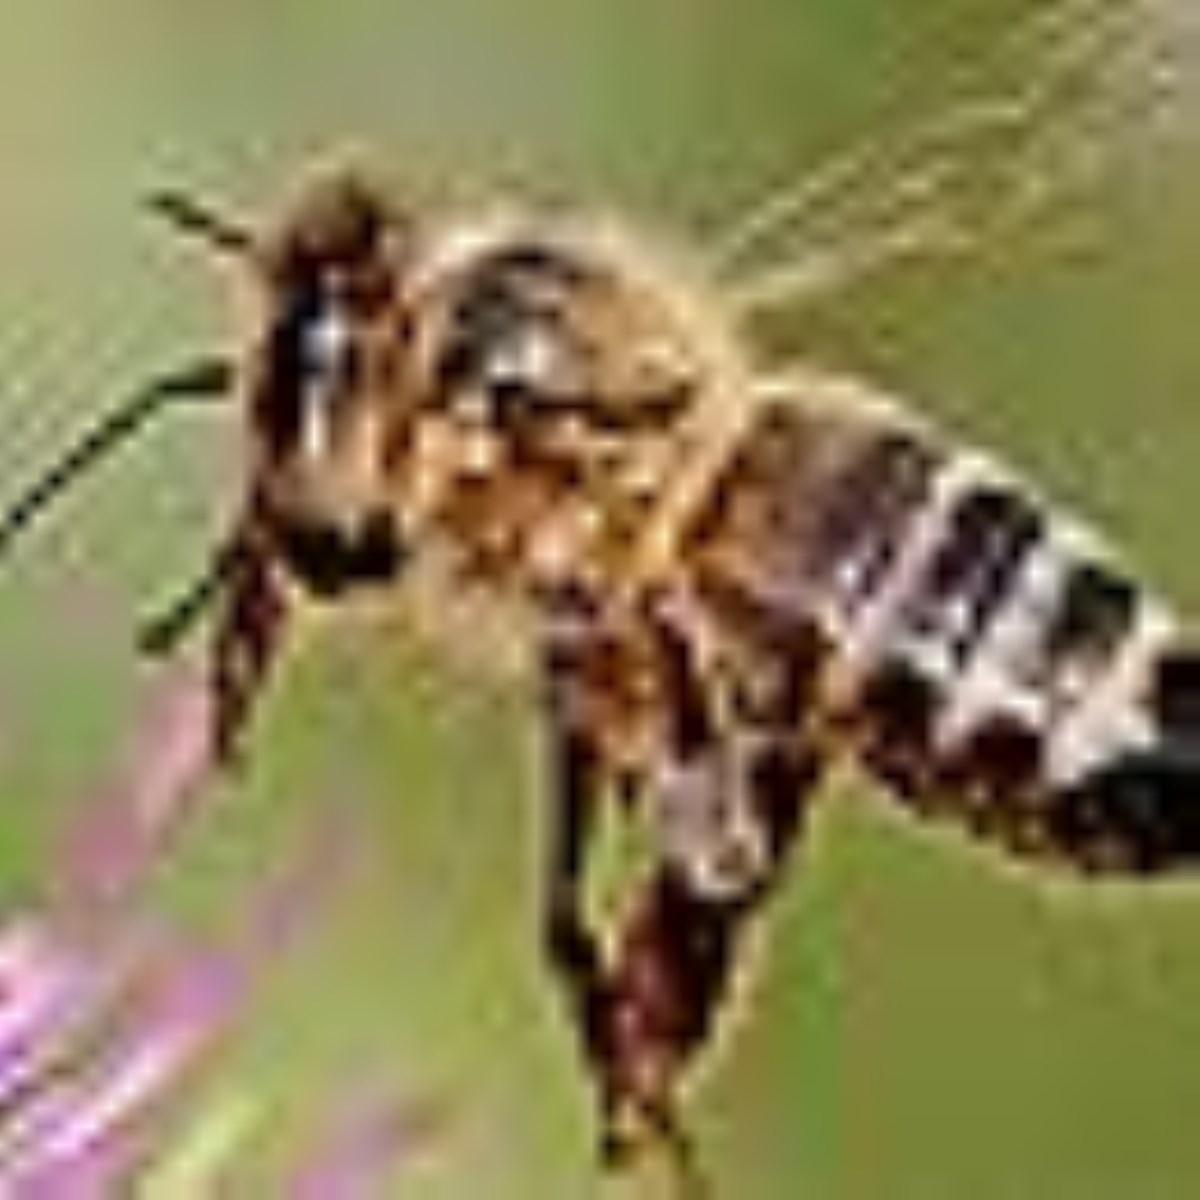 زنبورها کليد پايداري محصولات کشاورزي